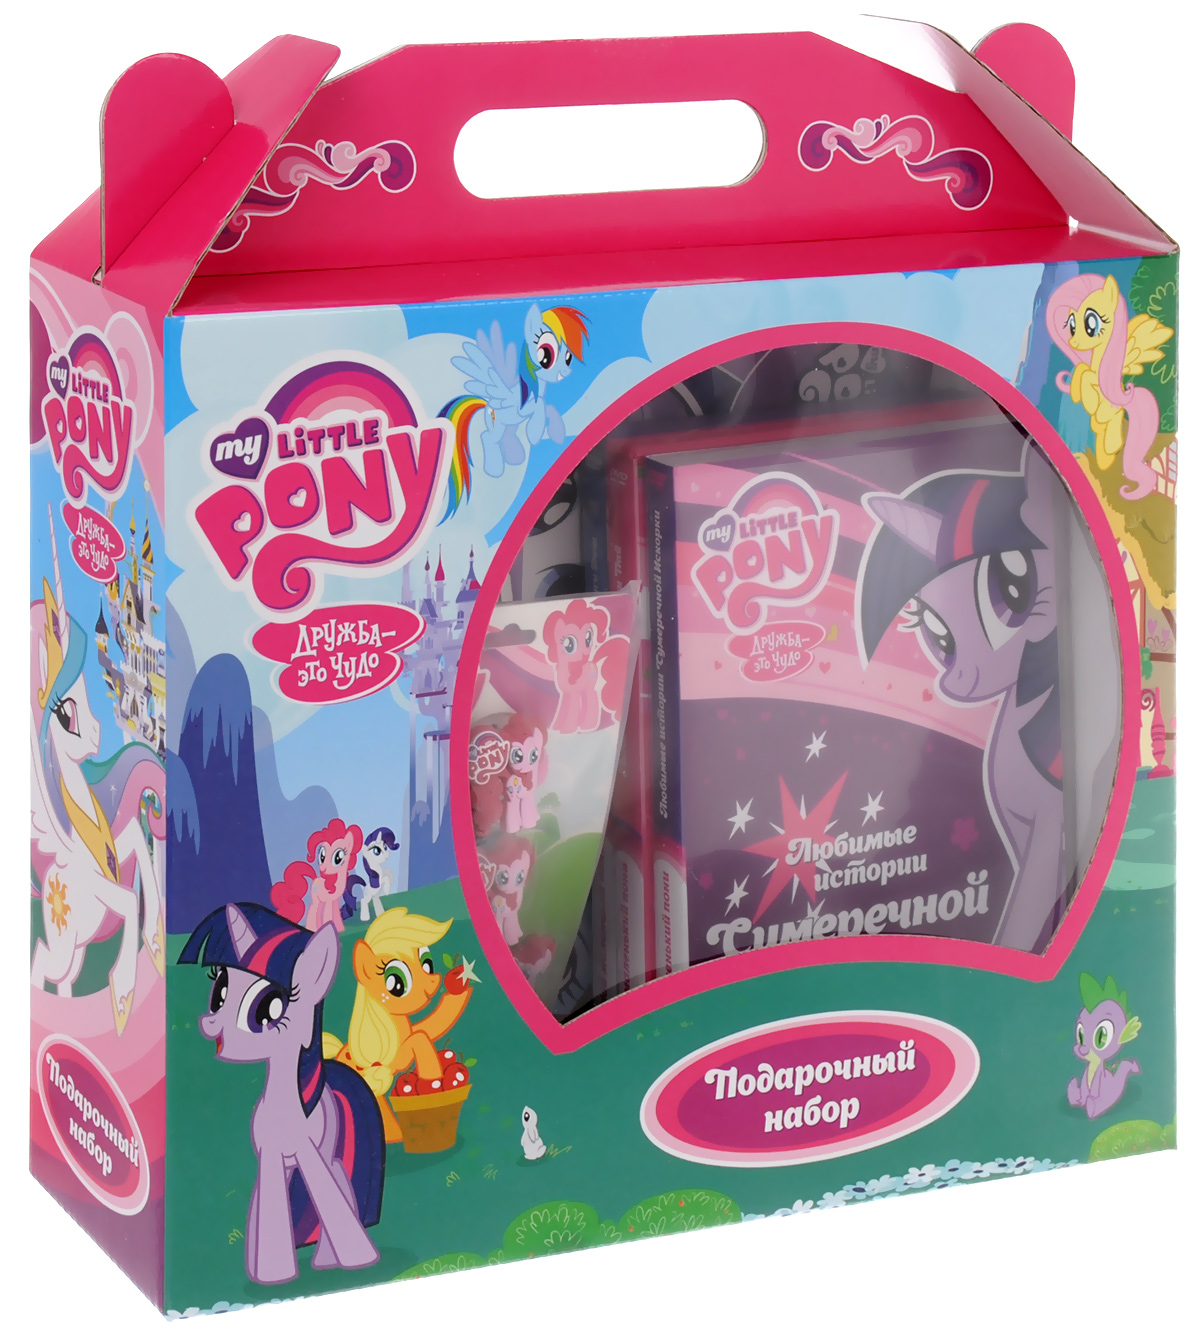 My Little Pony: Подарочный набор (3 DVD + сувениры) видеодиски нд плэй экстрасенсы dvd video dvd box